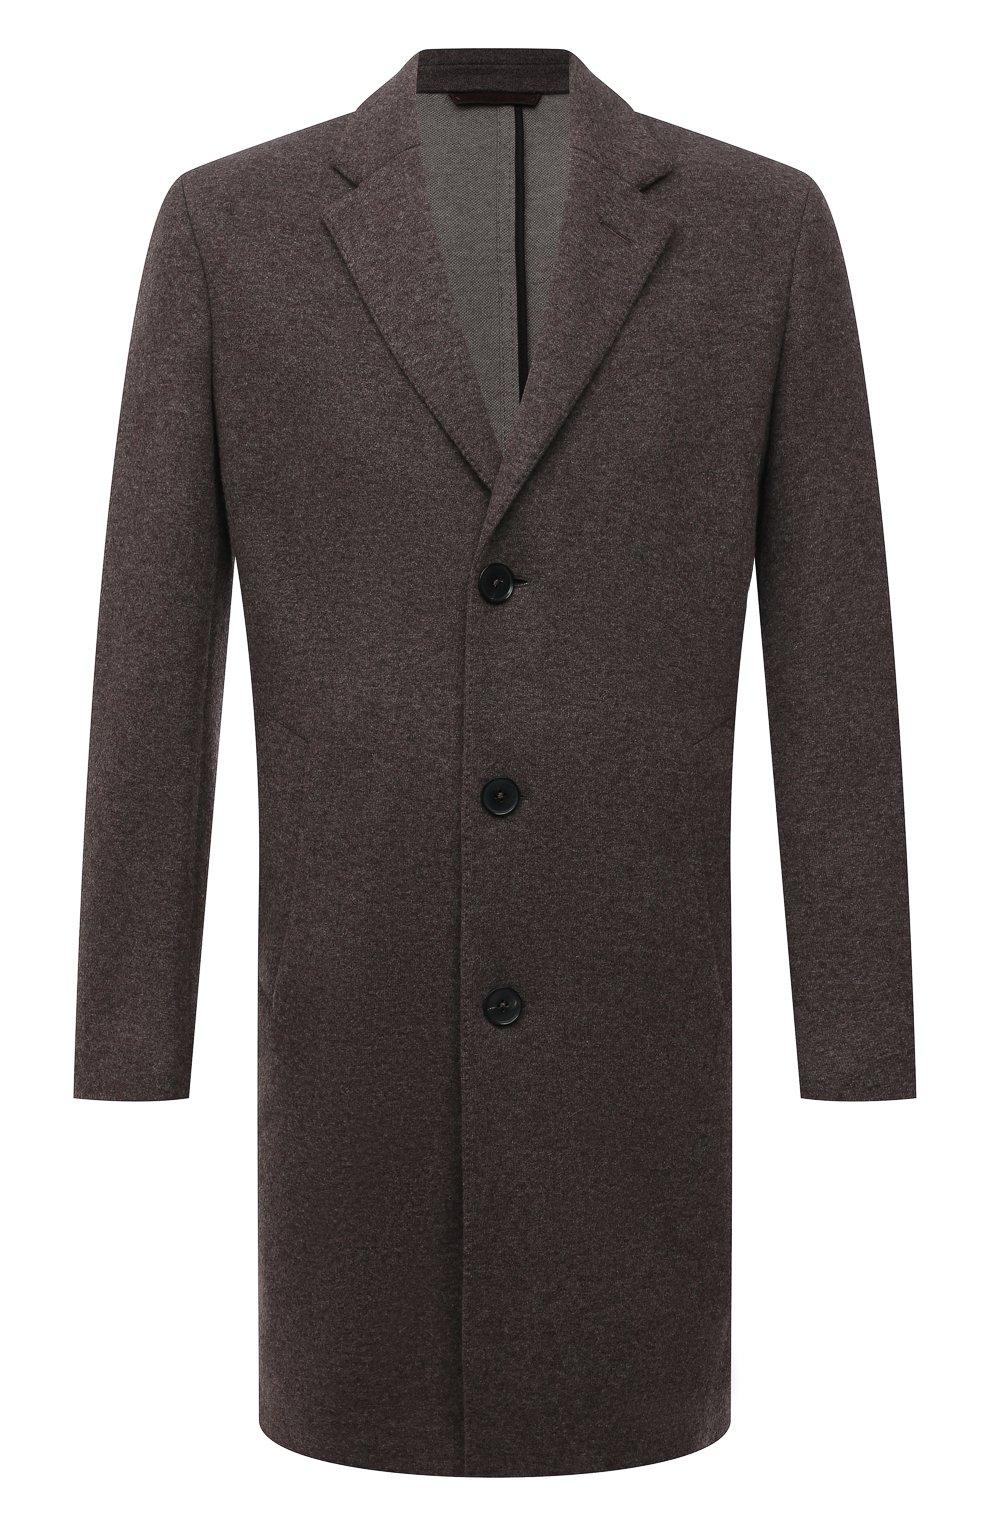 Мужской кашемировое пальто ERMENEGILDO ZEGNA коричневого цвета, арт. 277014/4DB5S0   Фото 1 (Материал внешний: Шерсть, Кашемир; Рукава: Длинные; Длина (верхняя одежда): До середины бедра; Стили: Классический; Мужское Кросс-КТ: пальто-верхняя одежда)